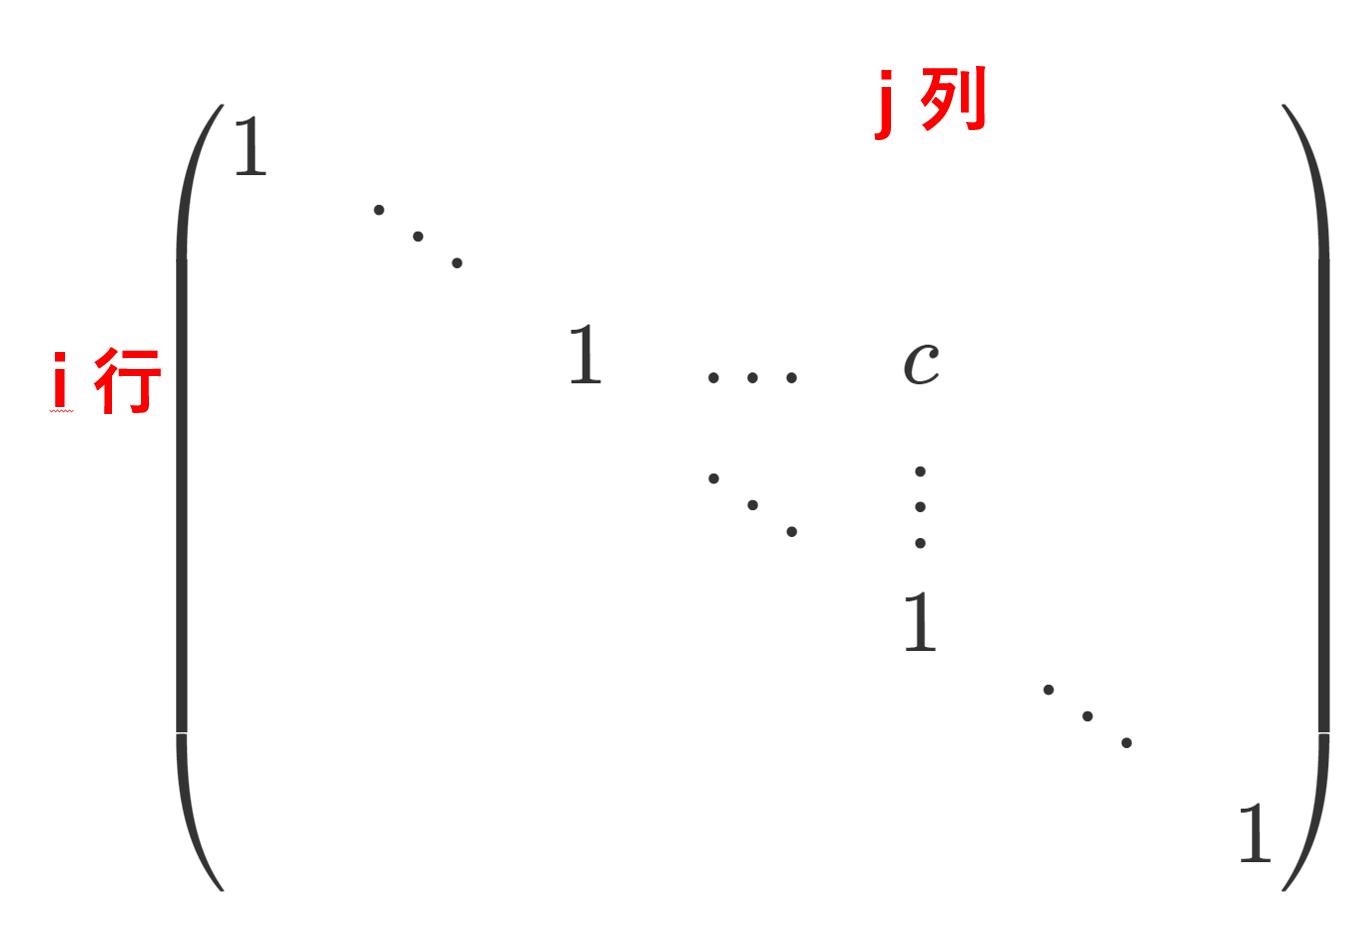 行列の基本変形についてわかりやすく図解する